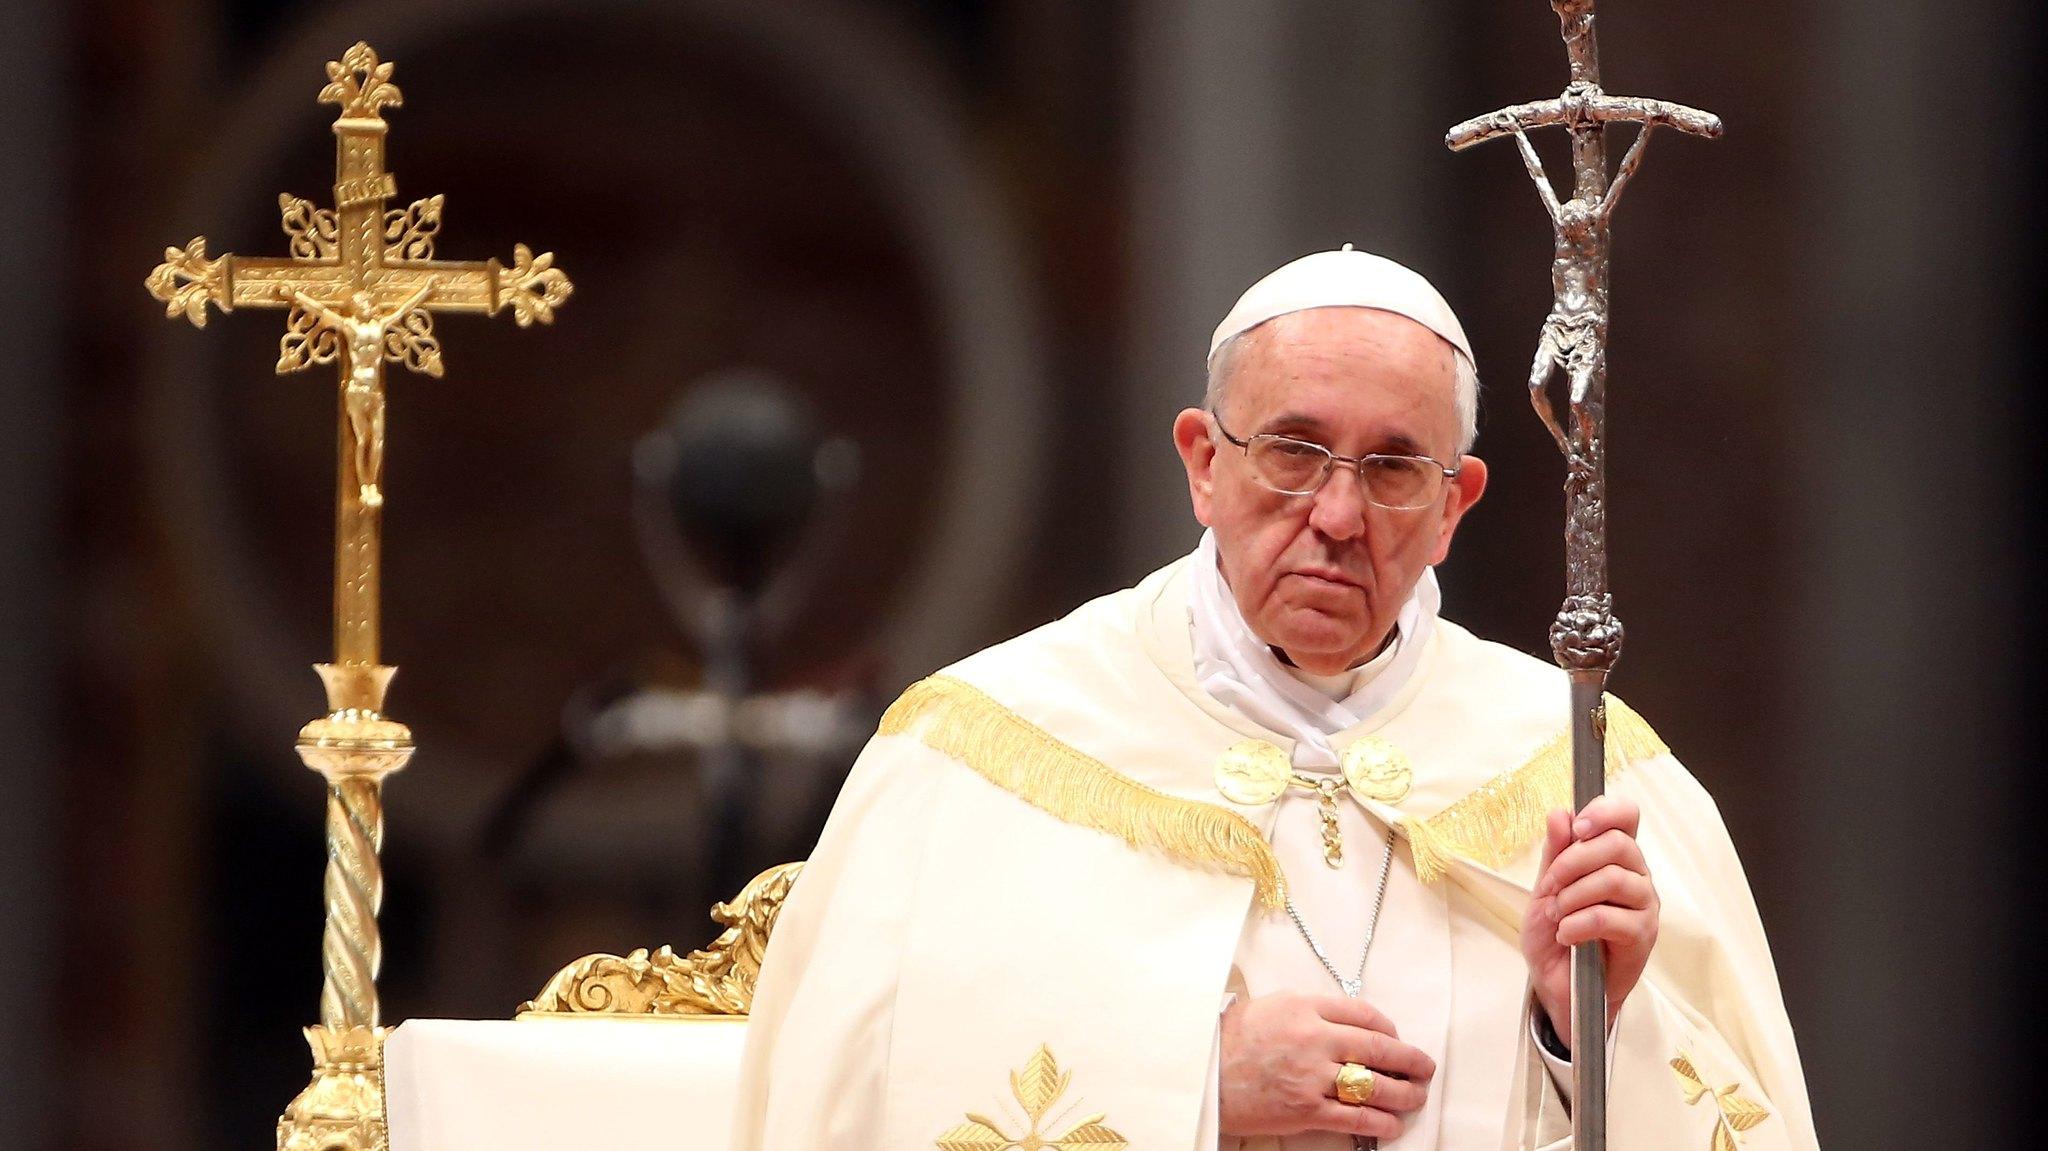 """Papież apeluje ozawieszenie patentów naszczepionki. """"Wirus indywidualizmu"""""""